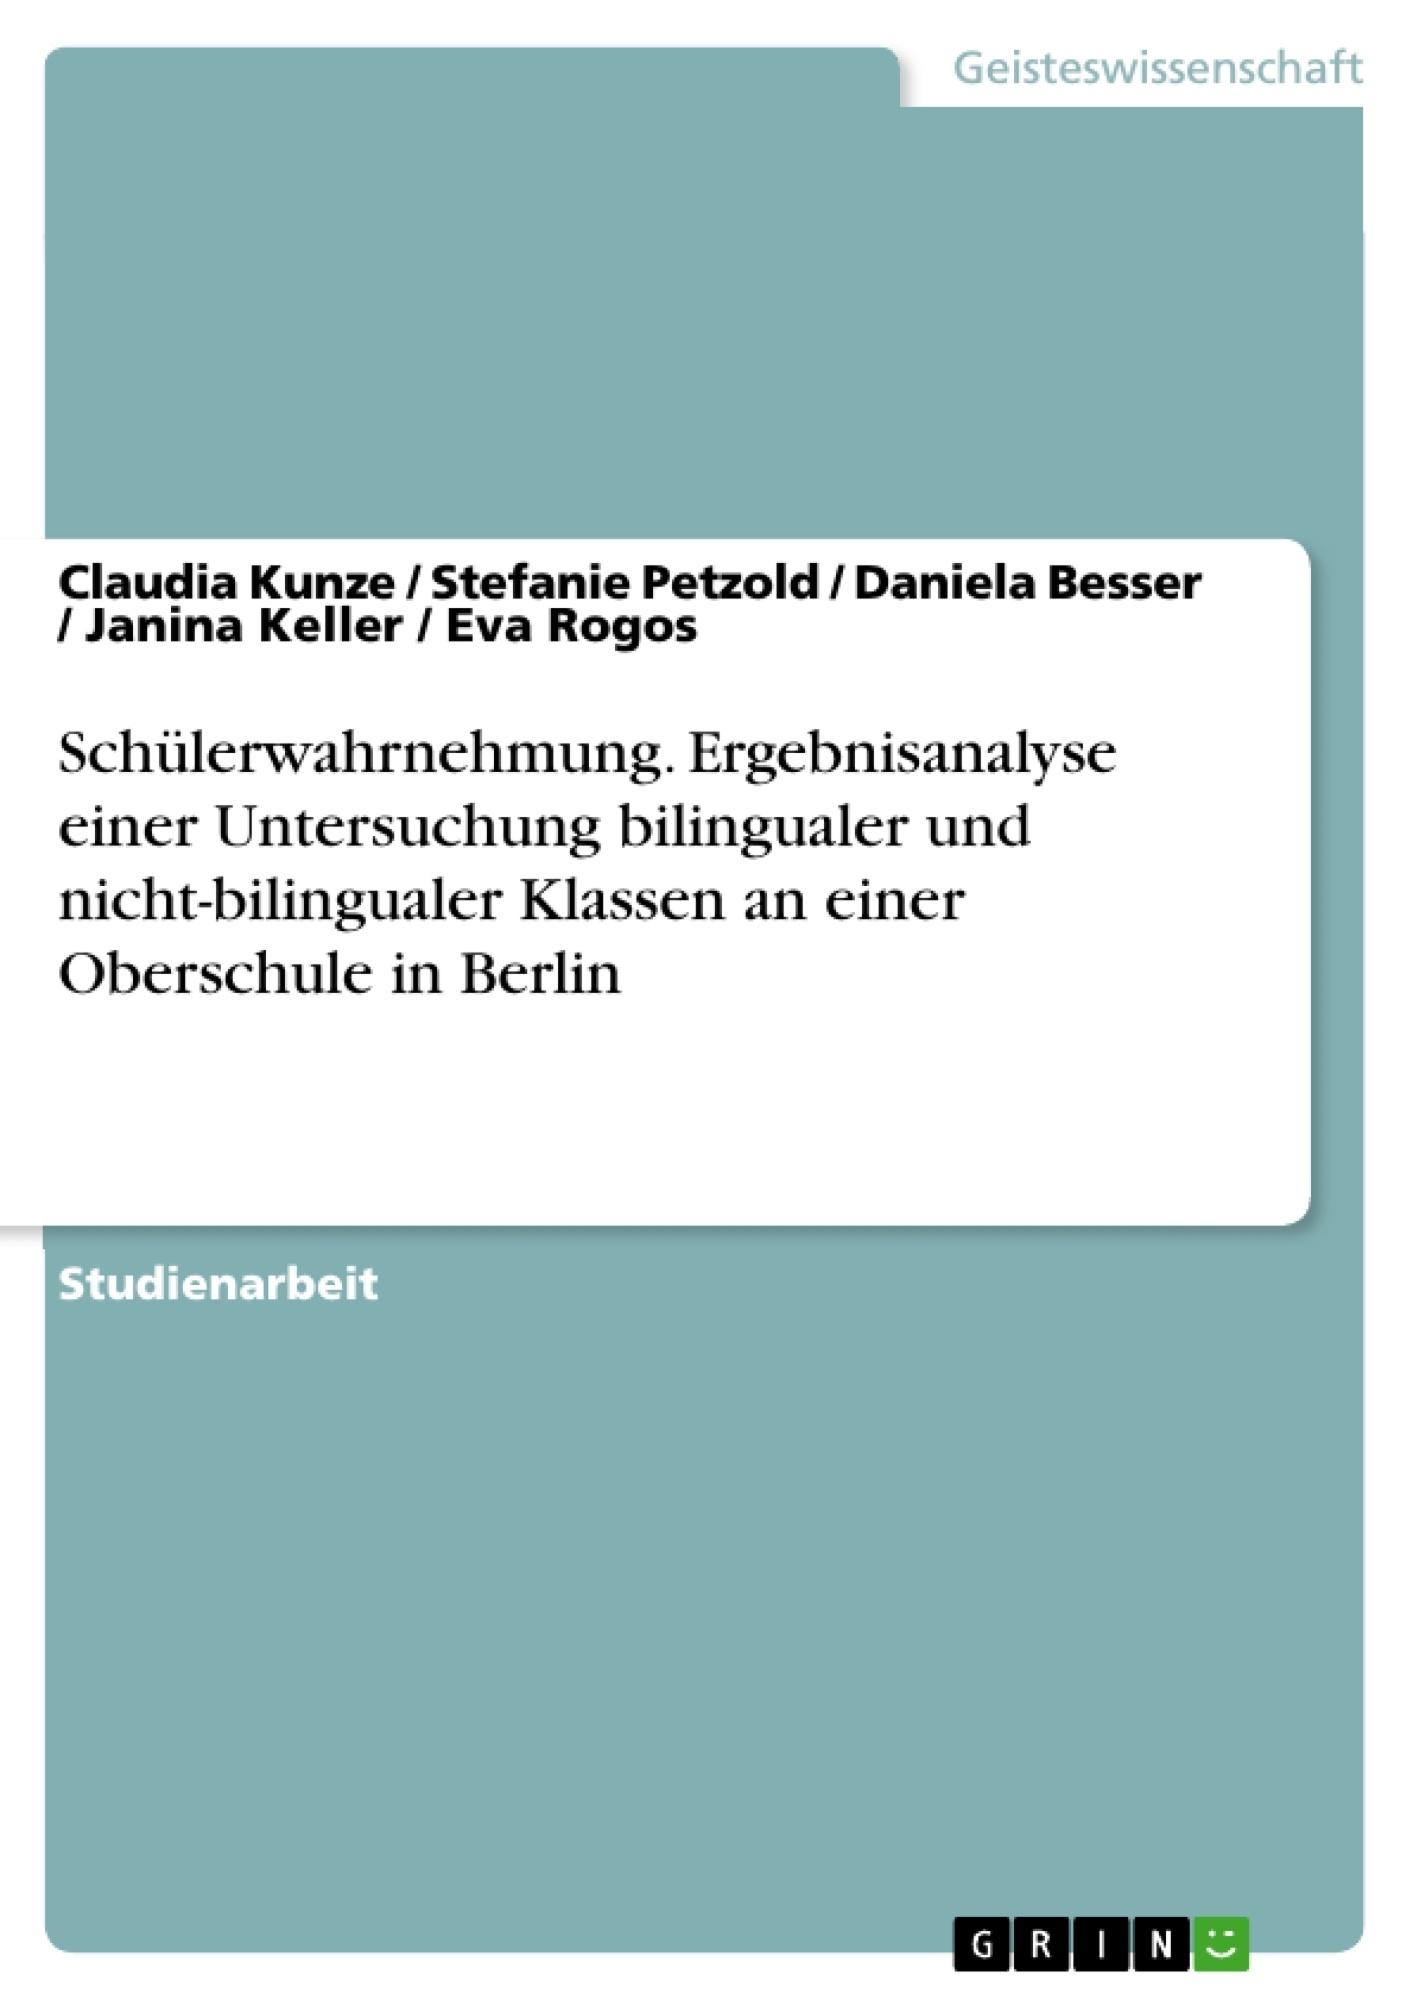 Titel: Schülerwahrnehmung. Ergebnisanalyse einer Untersuchung bilingualer und nicht-bilingualer Klassen an einer Oberschule in Berlin